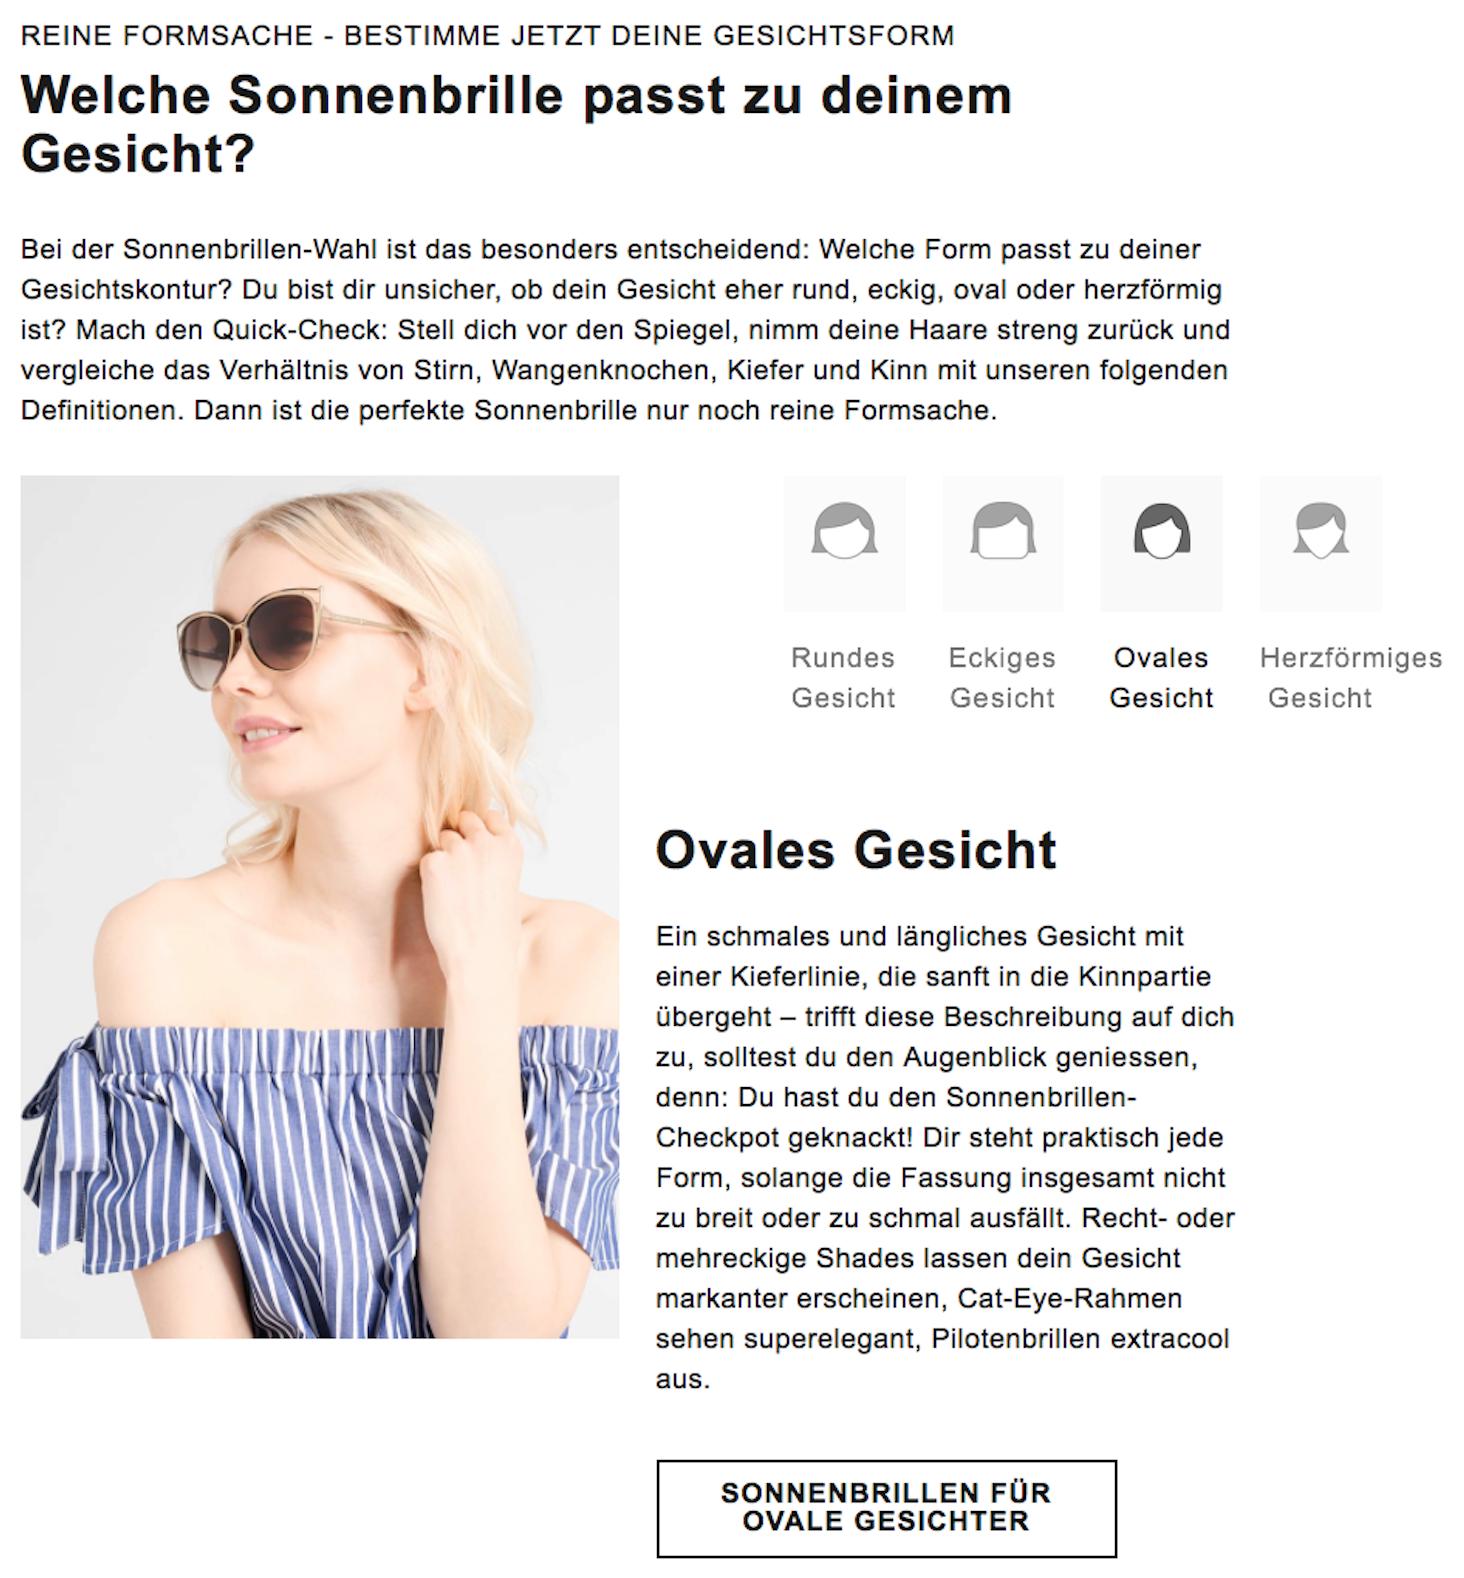 Tolle Rahmen Für Petite Gesichter Bilder - Benutzerdefinierte ...